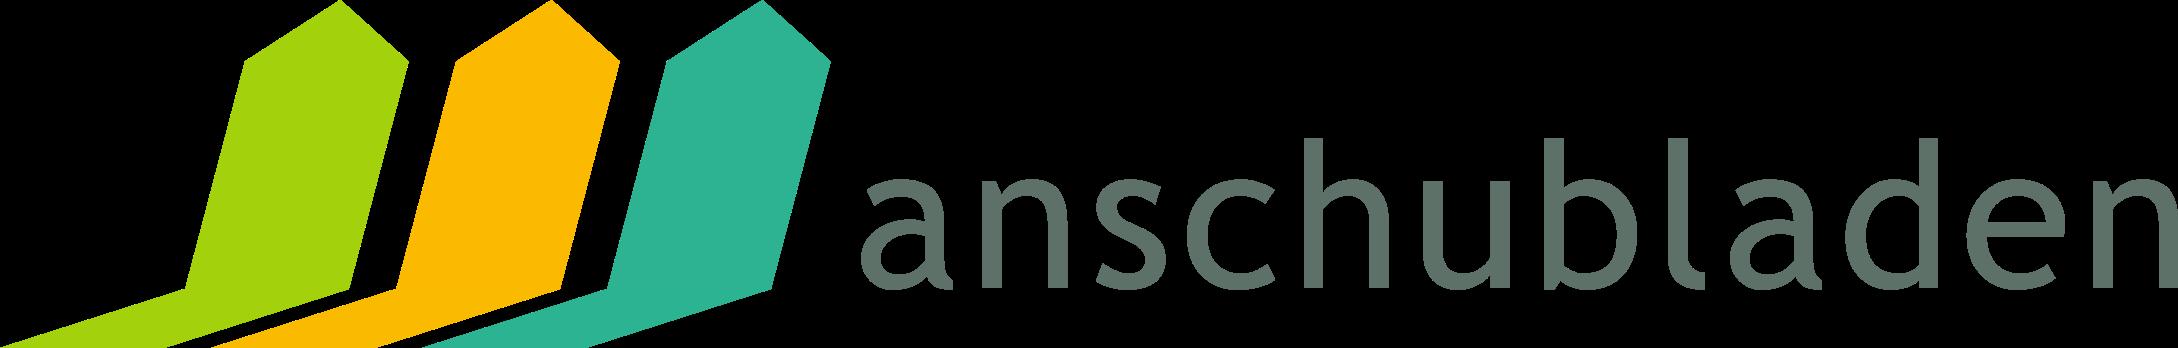 Logo Anschubladen